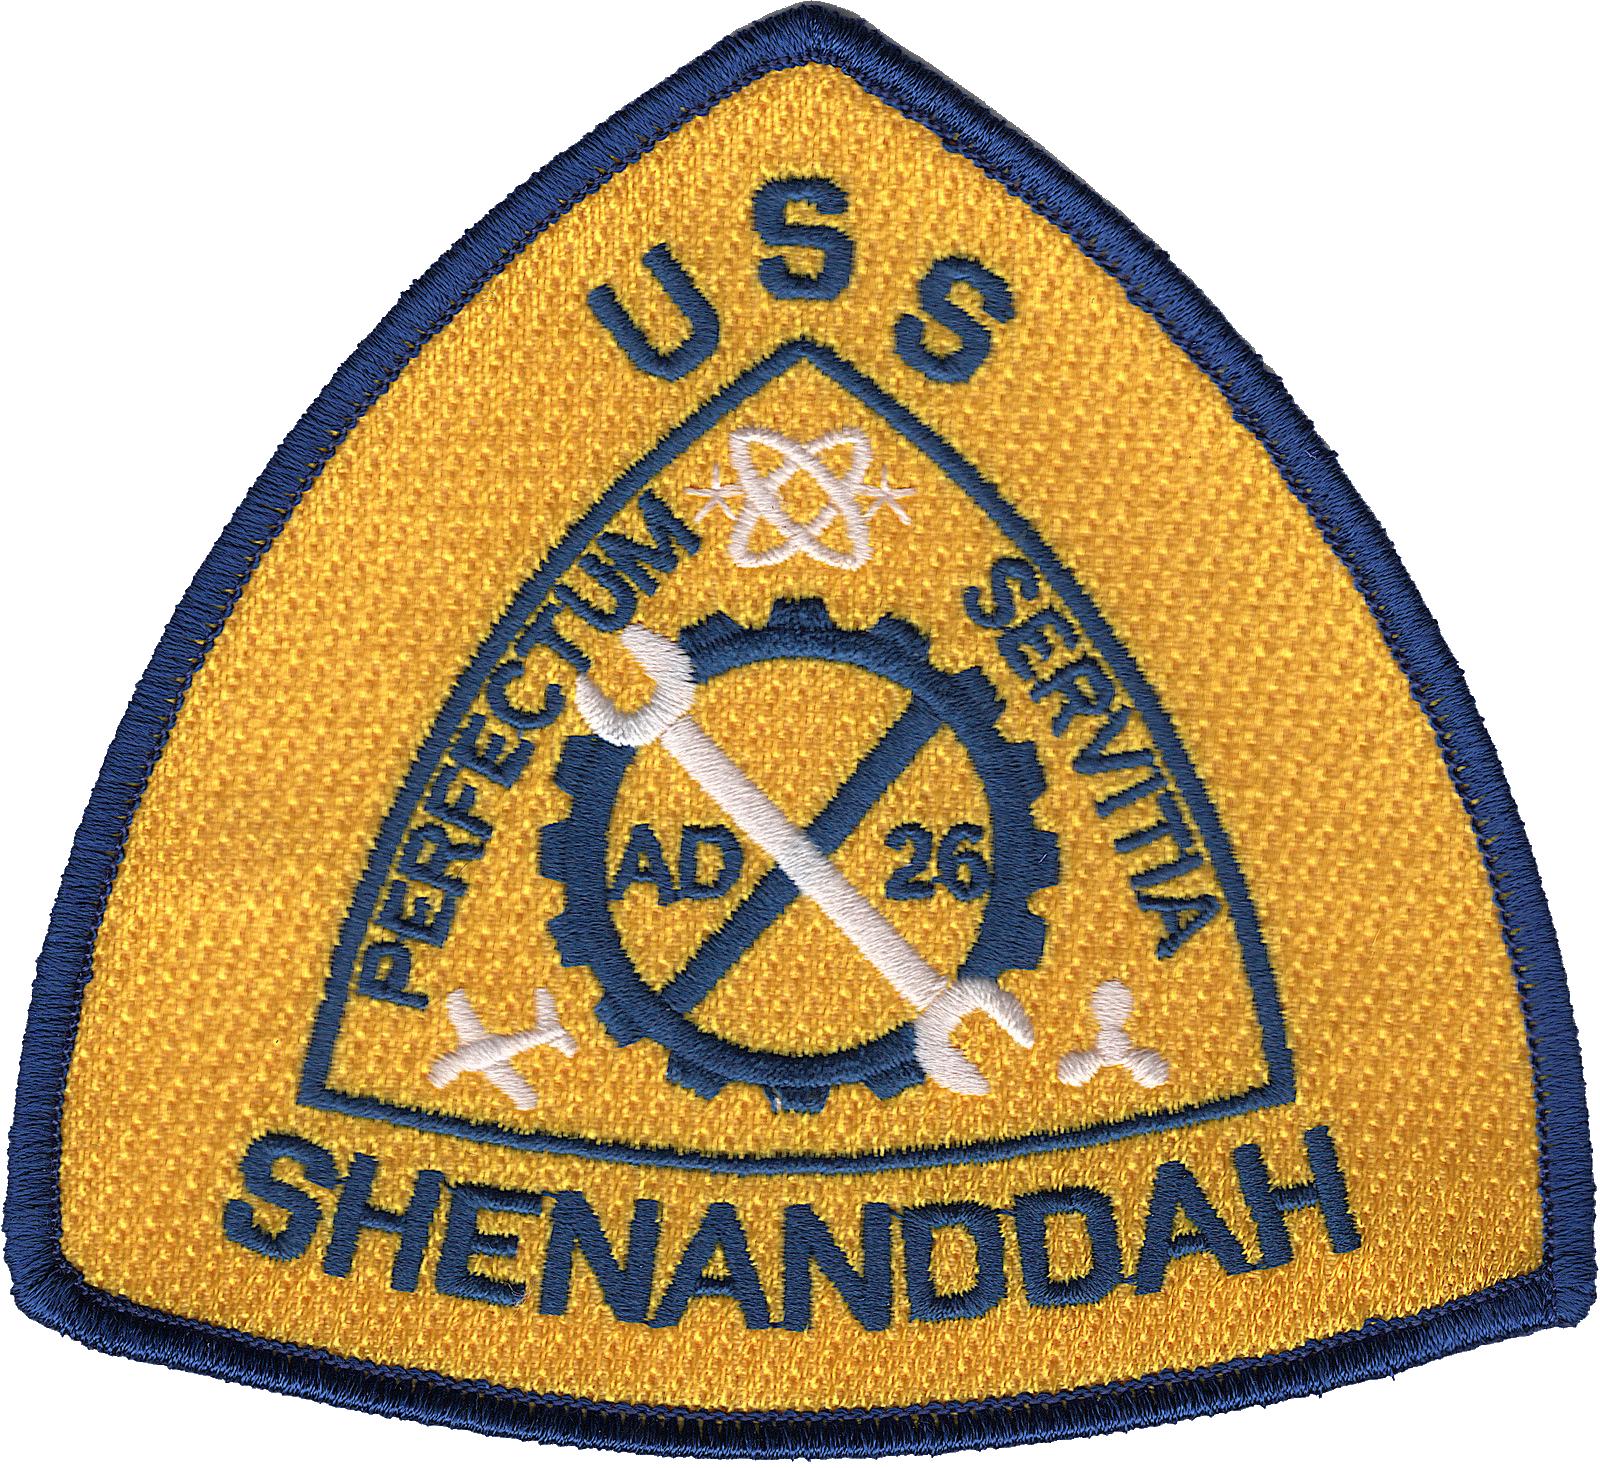 USS Shenandoah (AD-26)